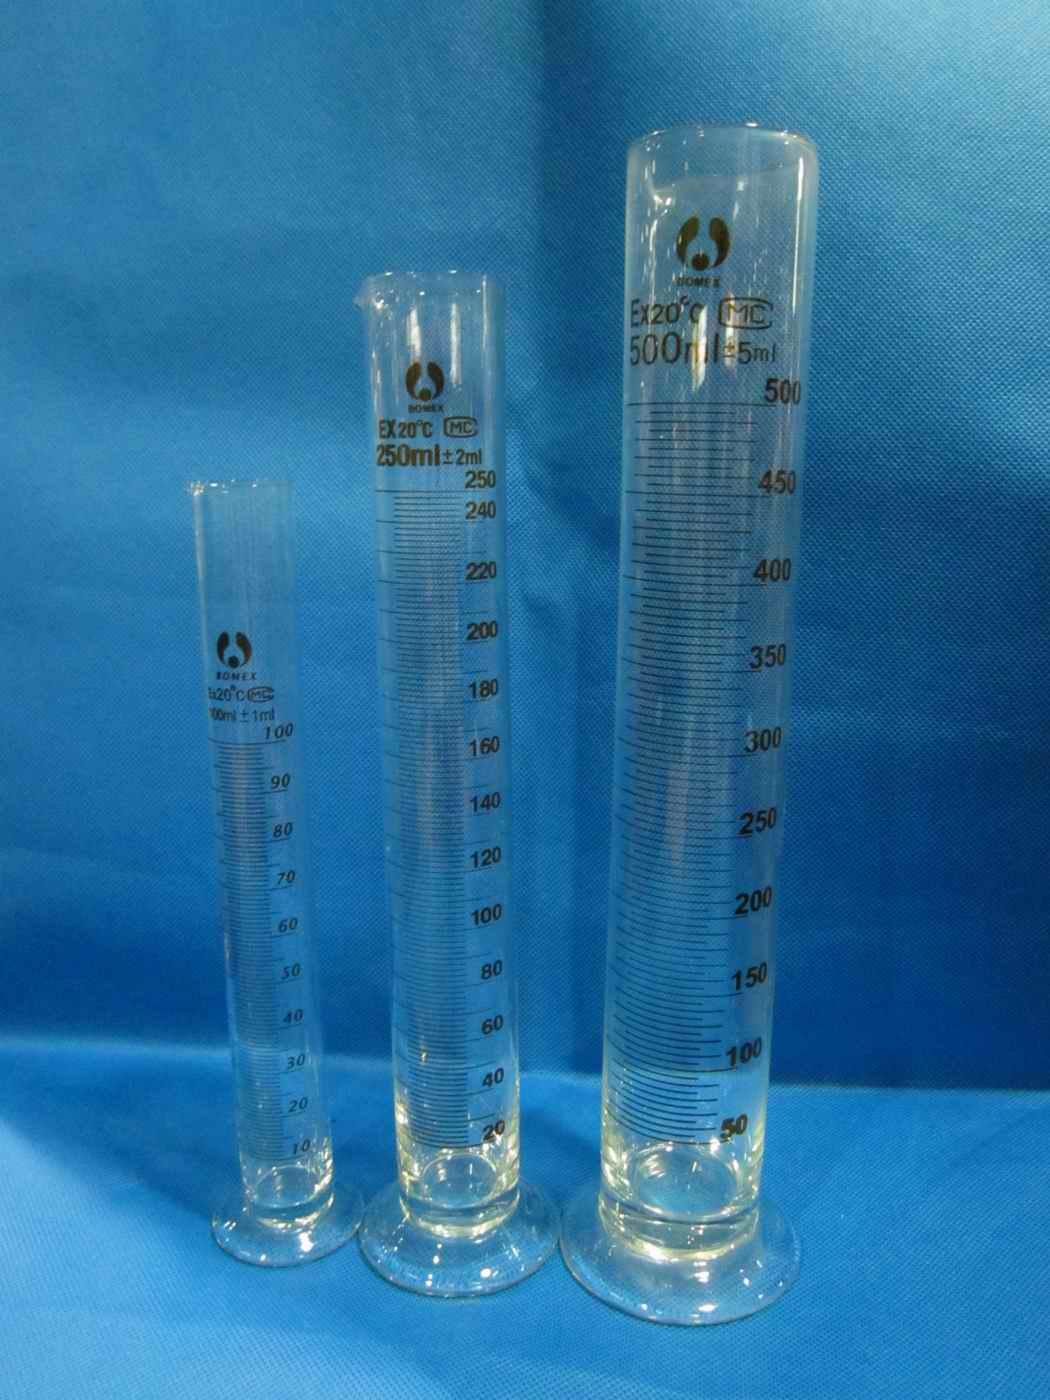 给你一个10毫升量筒 一根滴管 一杯水,你能否测量一滴水的体积